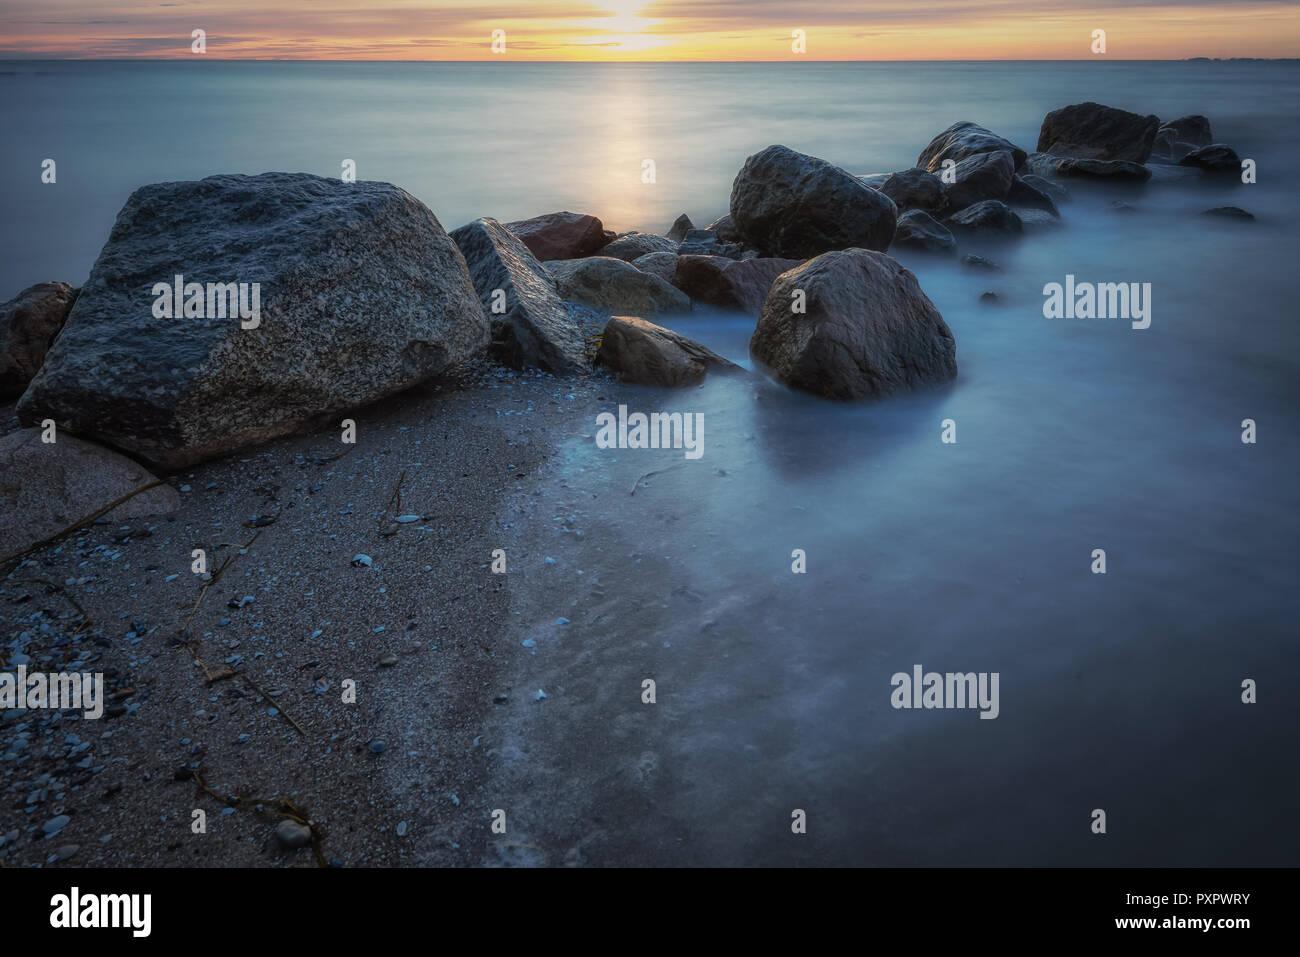 Am Strand von Grömitz zur blauen Stunde - Stock Image